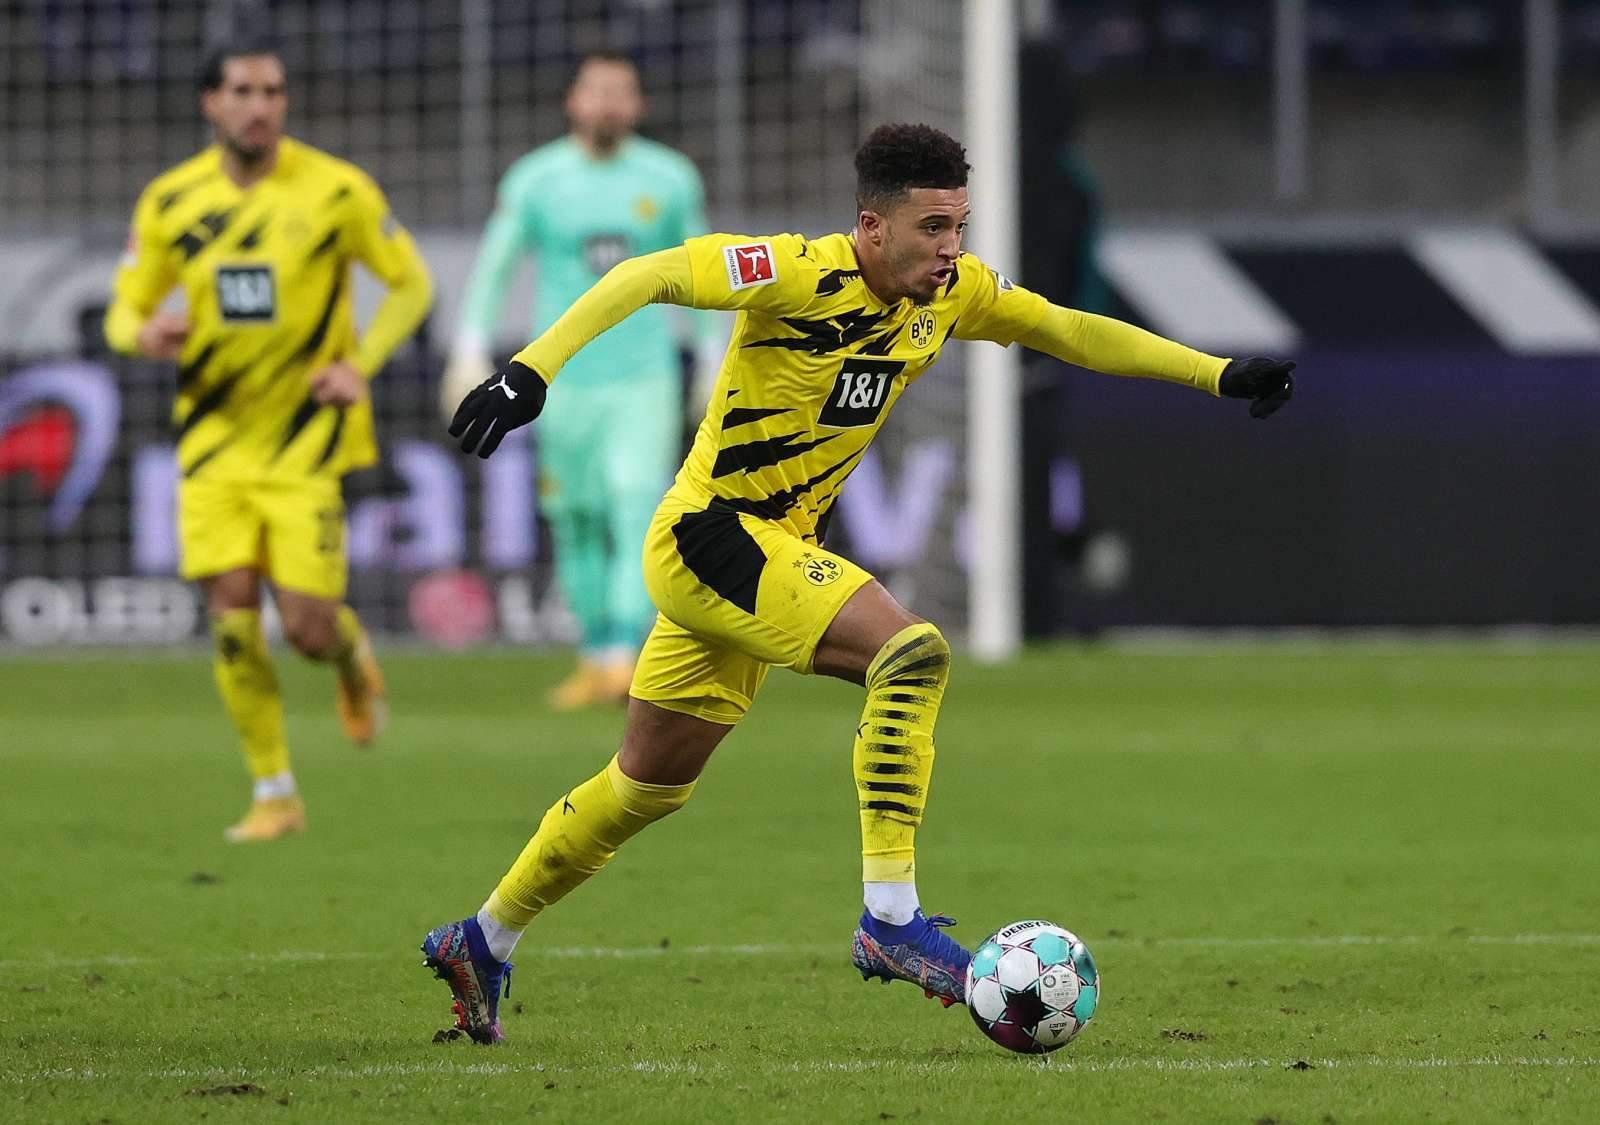 Дортмундская «Боруссия» в полуфинале Кубка после победы в Мёнхенгладбахе